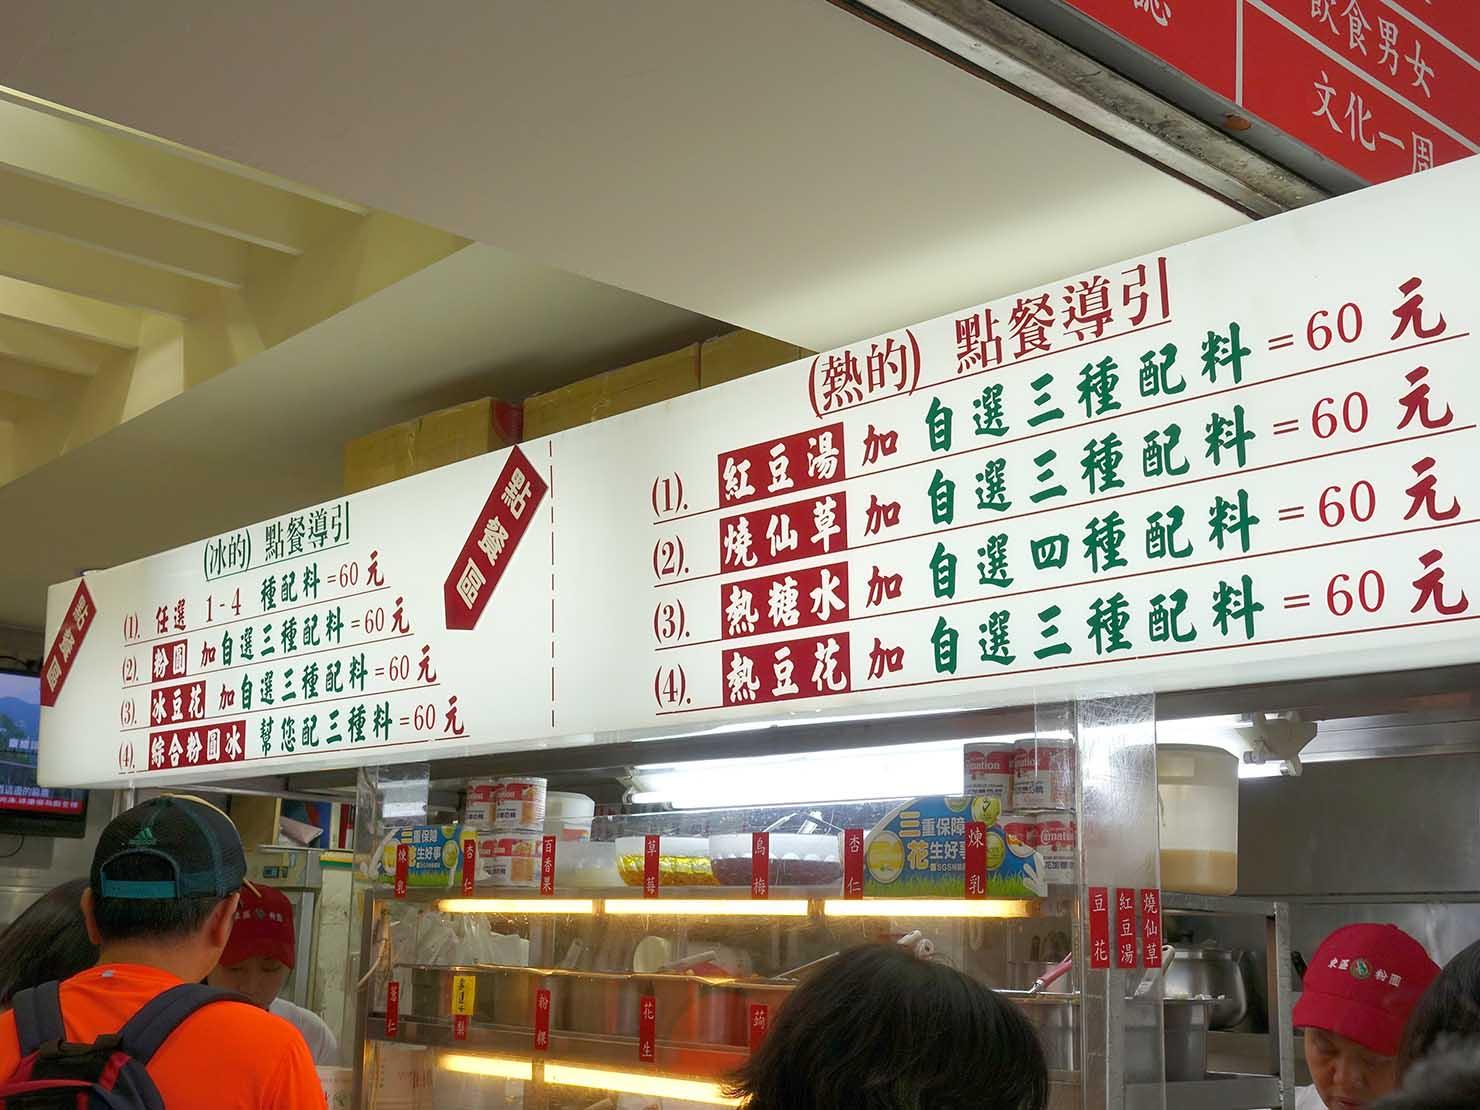 台北・忠孝敦化駅(東區)のおすすめスイーツ店「東區粉圓」のメニュー